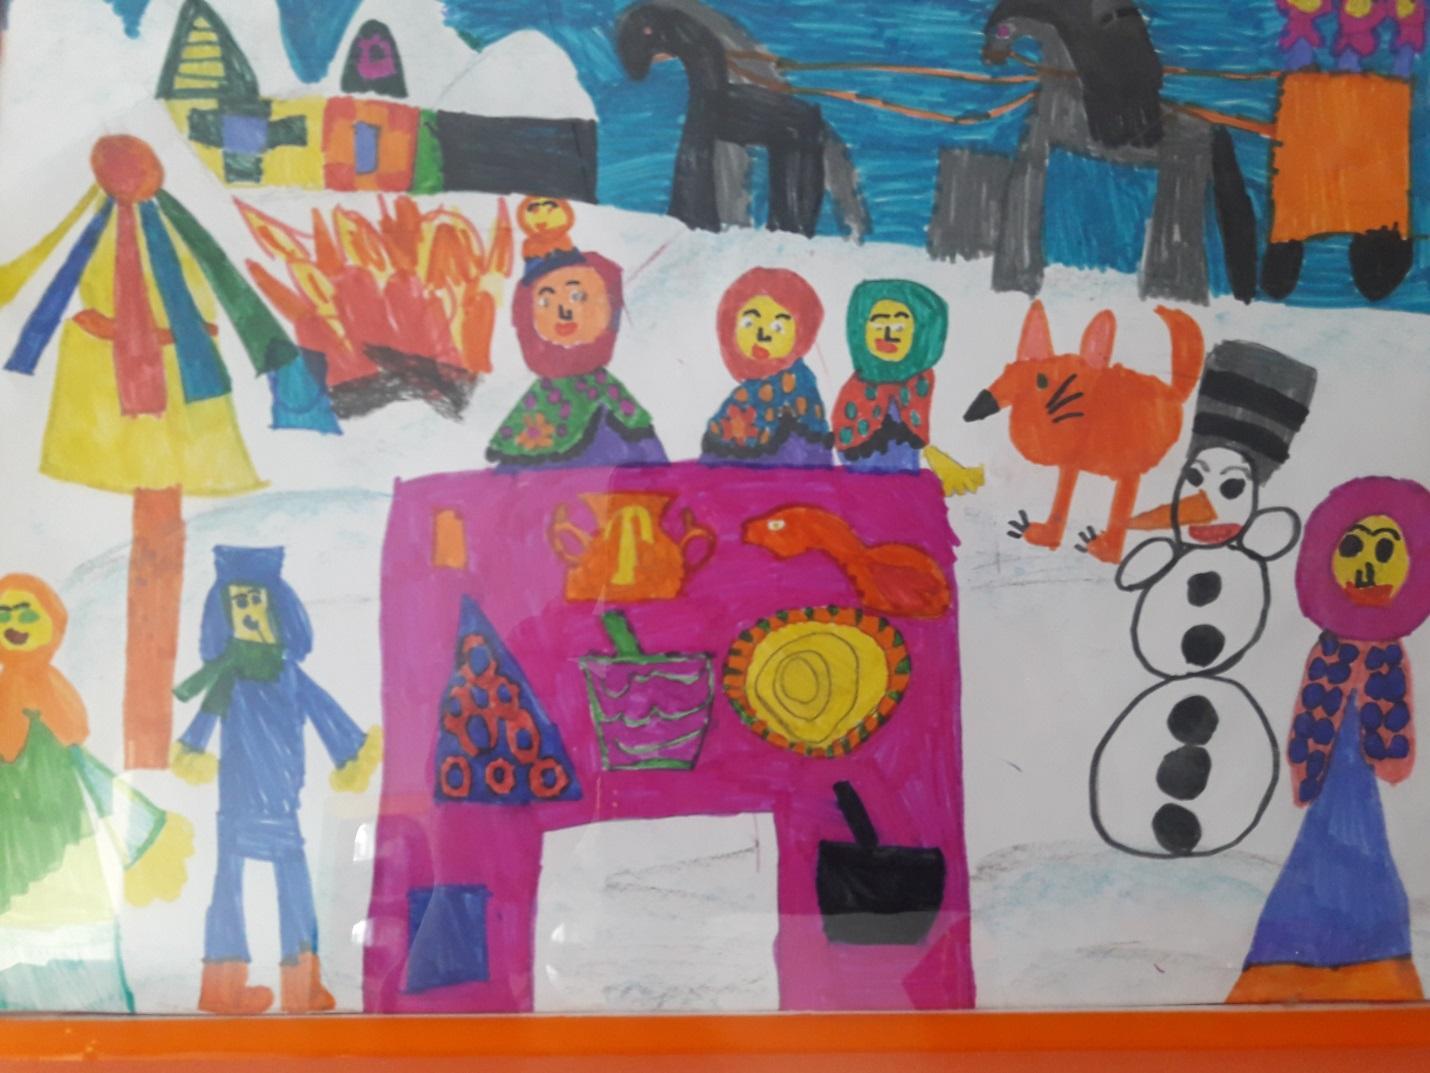 C:\Users\User5\Desktop\В ЮРИС\Городской конкурс детских рисунков Широкая масленица\20210311_163152.jpg